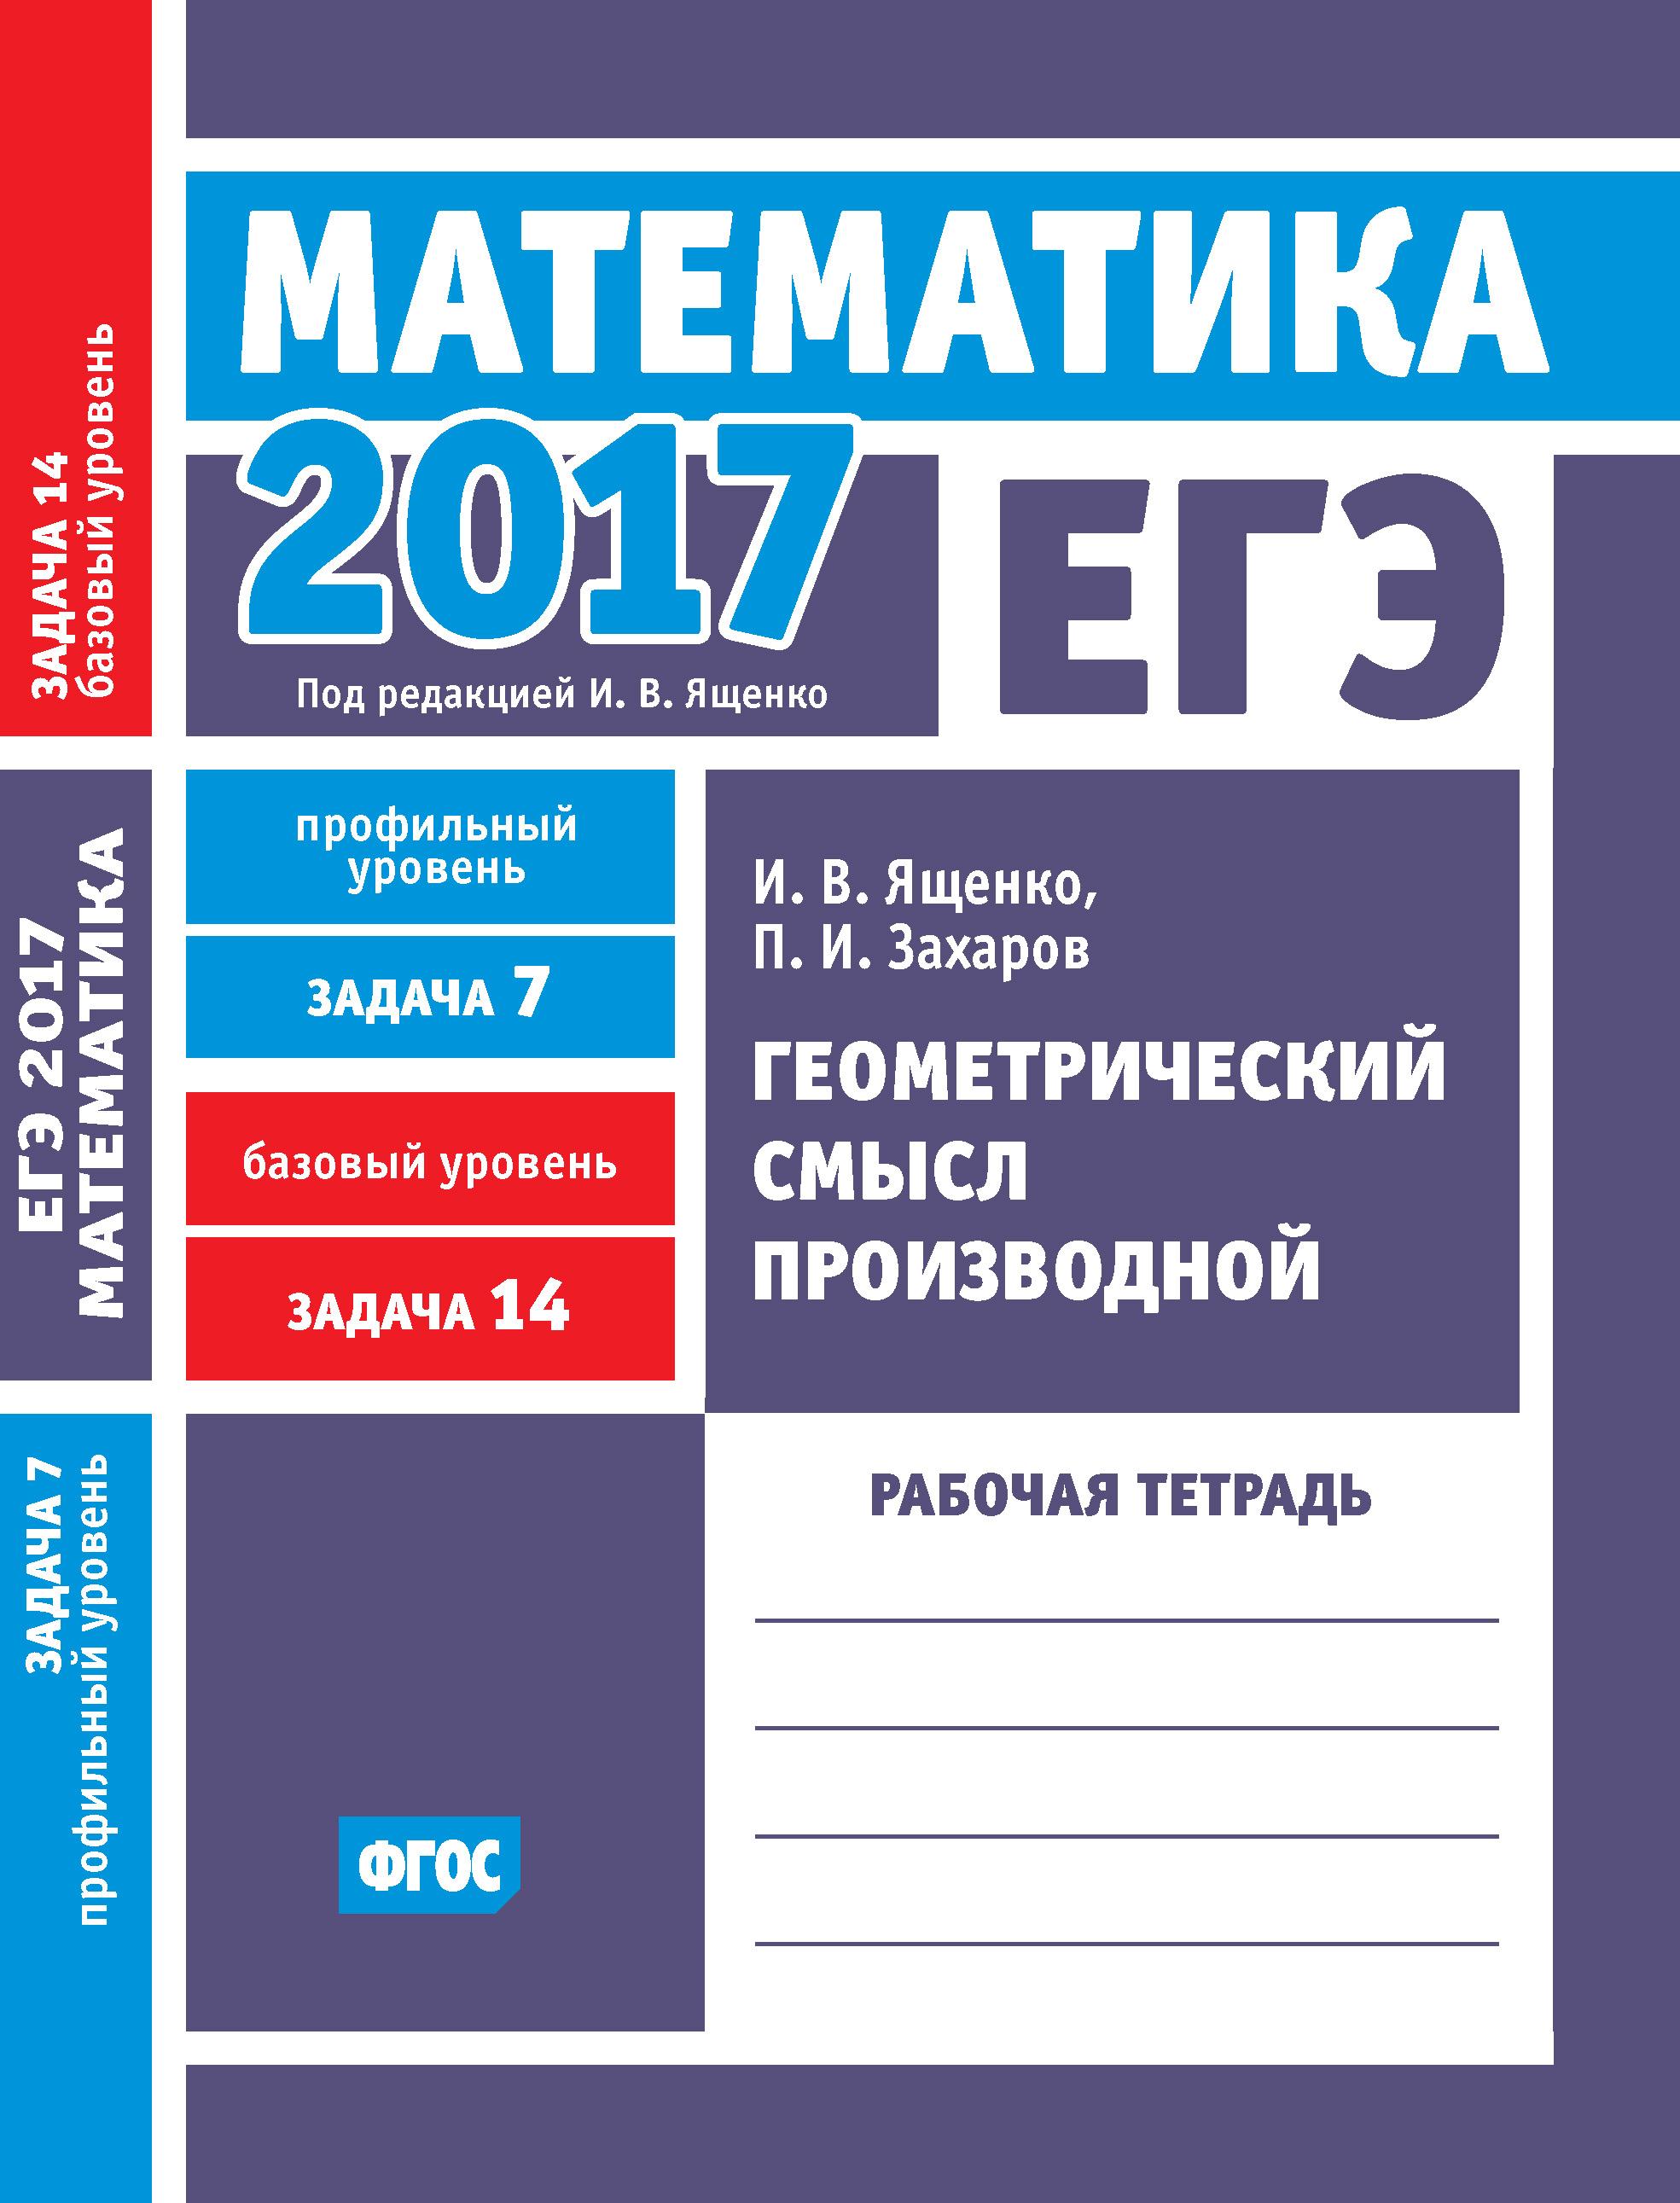 И. В. Ященко ЕГЭ 2017. Математика. Геометрический смысл производной. Задача 7 (профильный уровень). Задача 14 (базовый уровень). Рабочая тетрадь цена